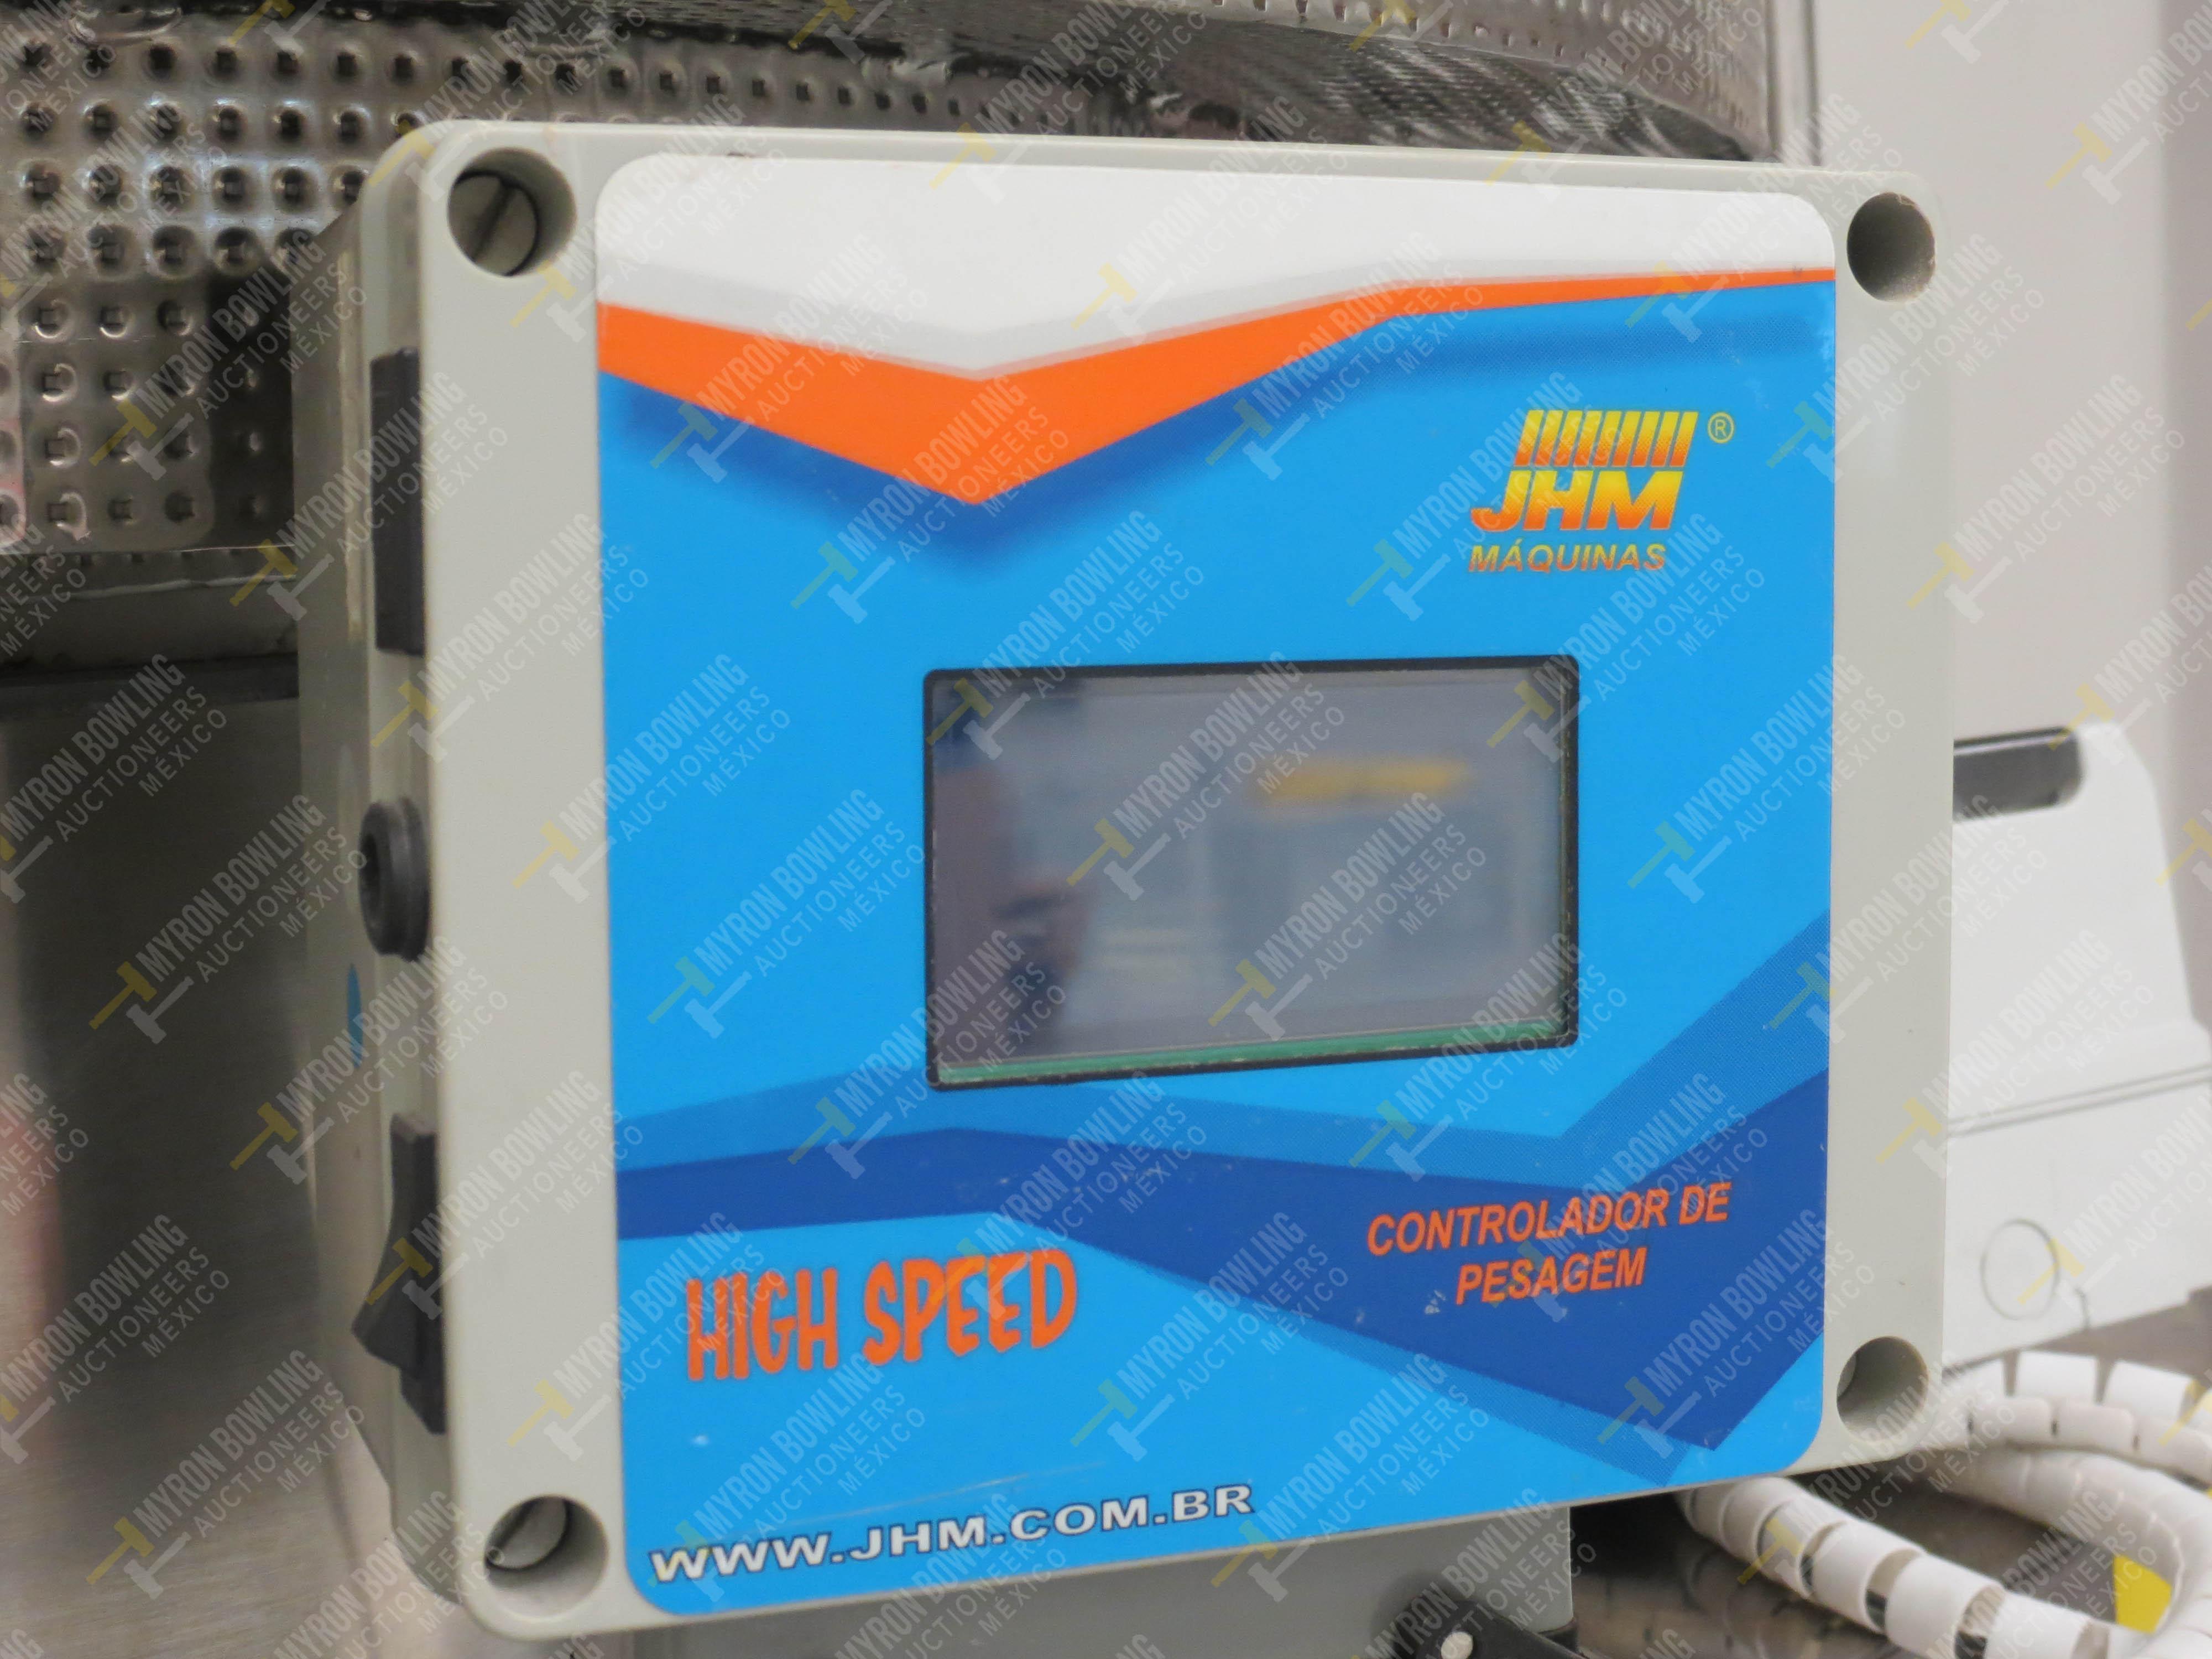 Pesadora automática de precisión marca JHM Máquinas, Modelo Maximatic CLP 3000 Incluye … - Image 4 of 5